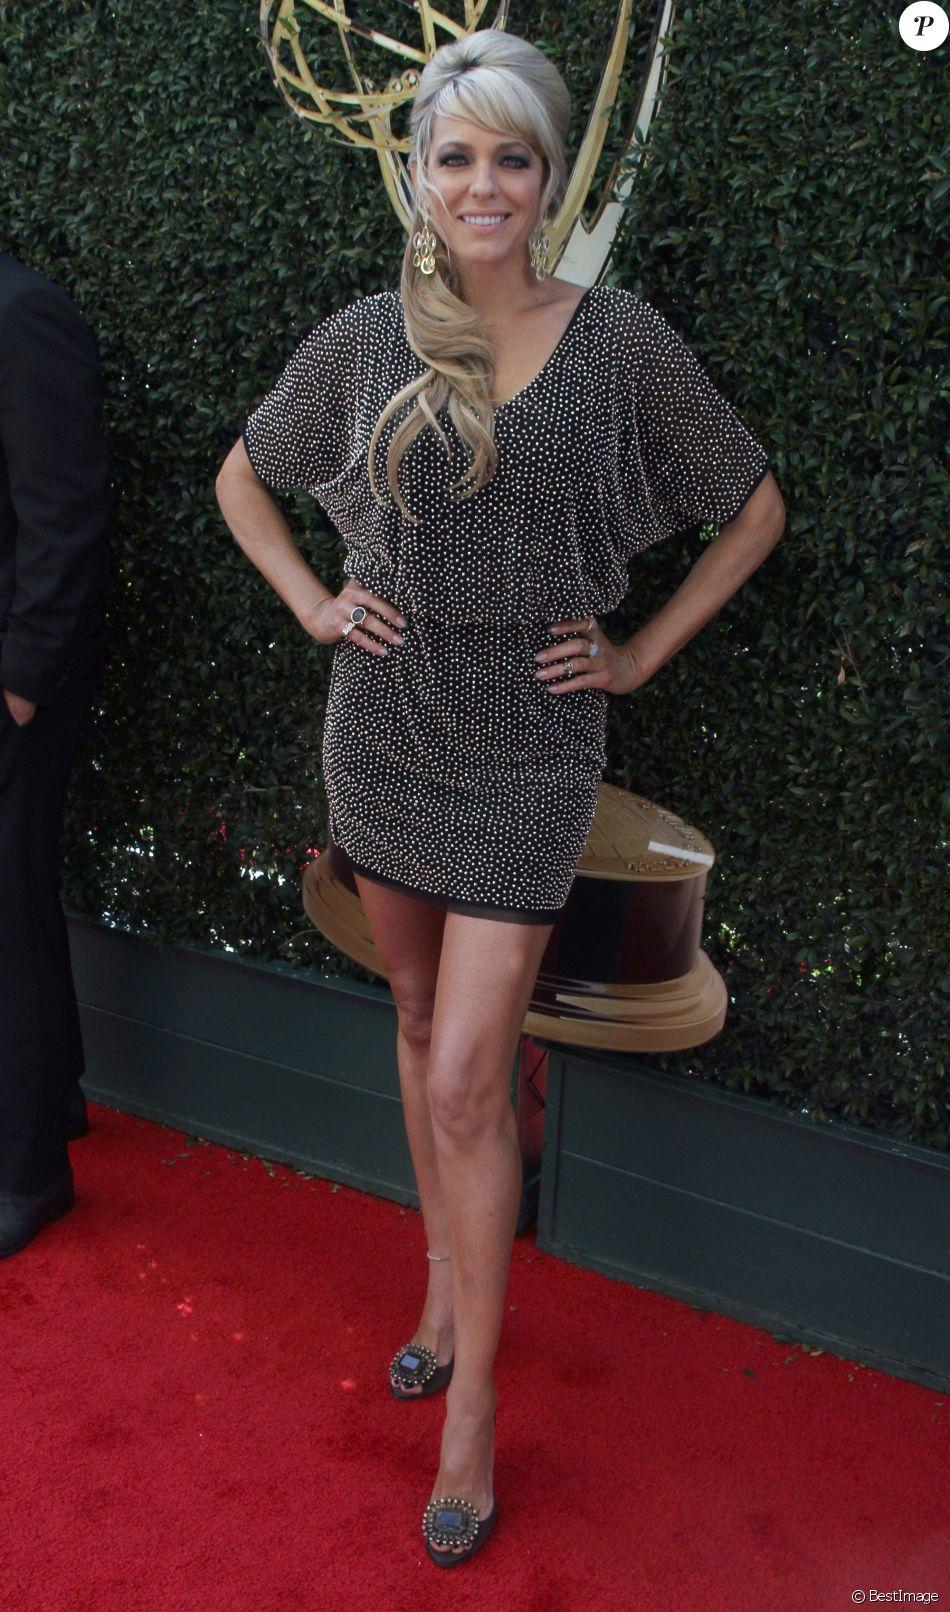 Arianne Zucker à la soirée Daytime Emmy Awards 2016 à l'hôtel Westin Bonaventure à Los Angeles, le 1er mai 2016